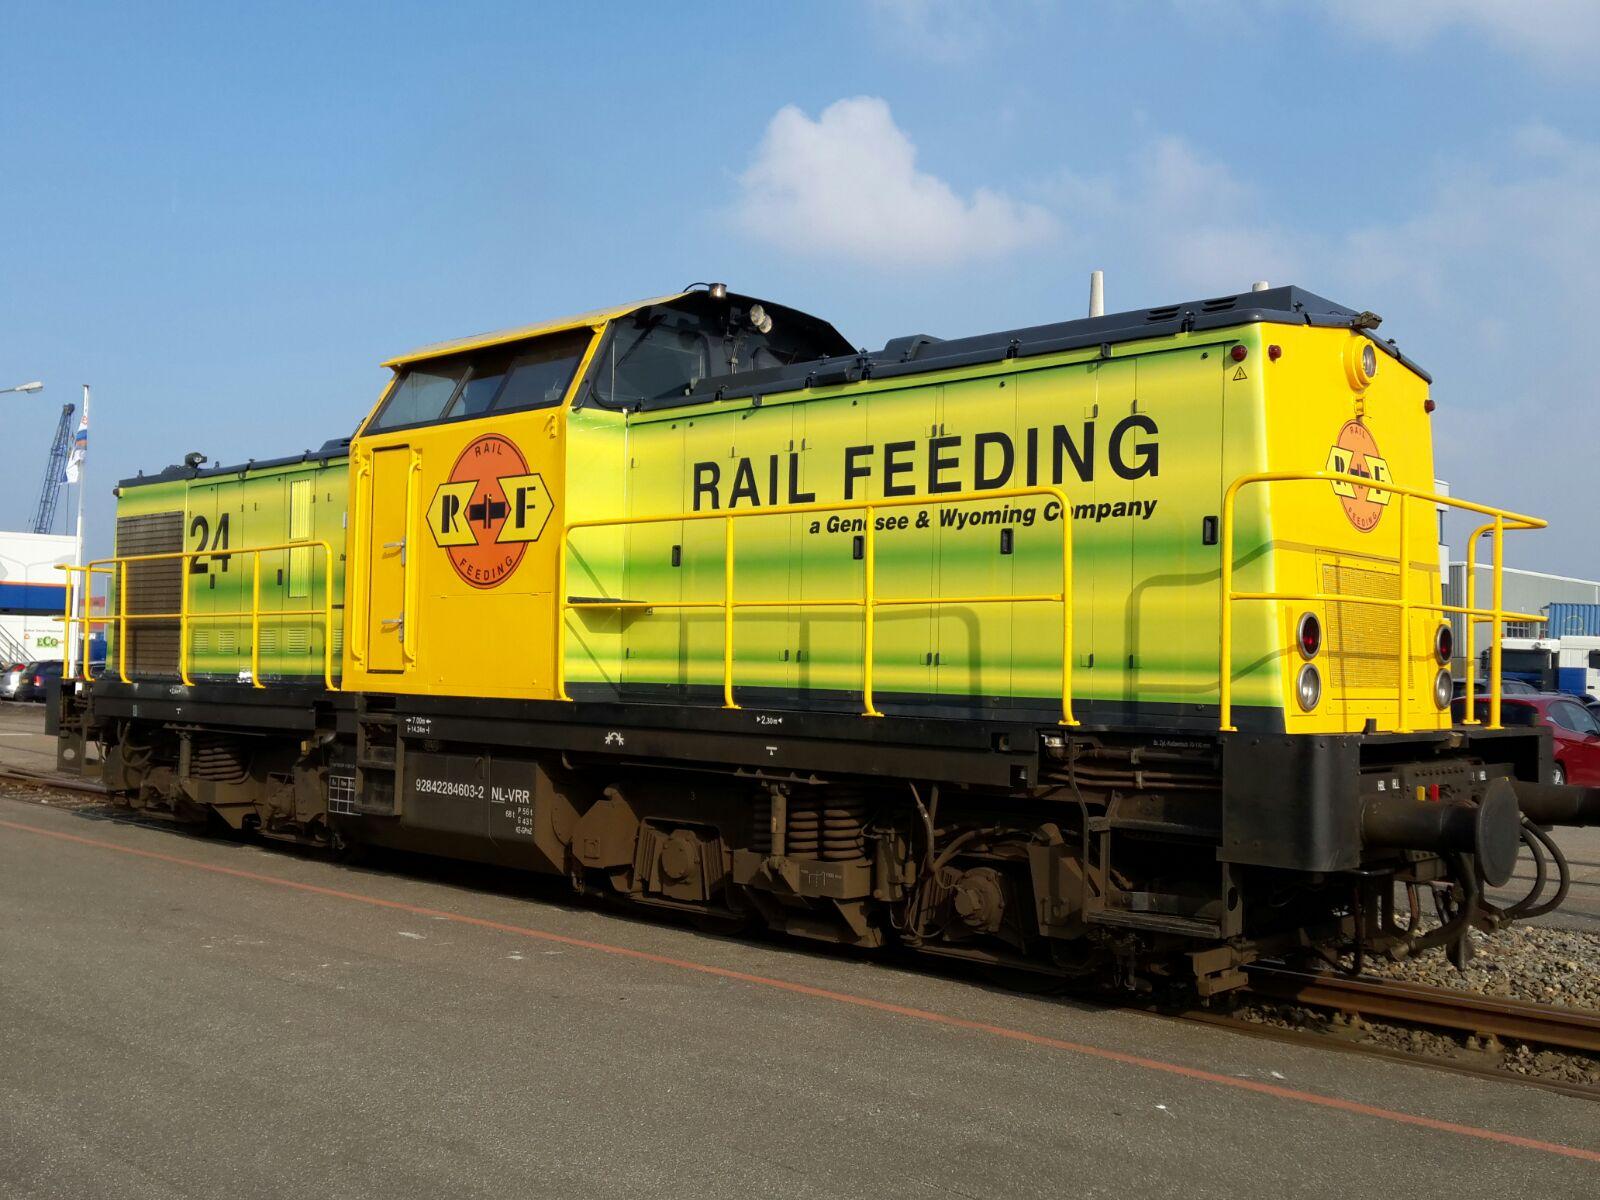 Rrf Koopt V100 Rotterdam Rail Feeding